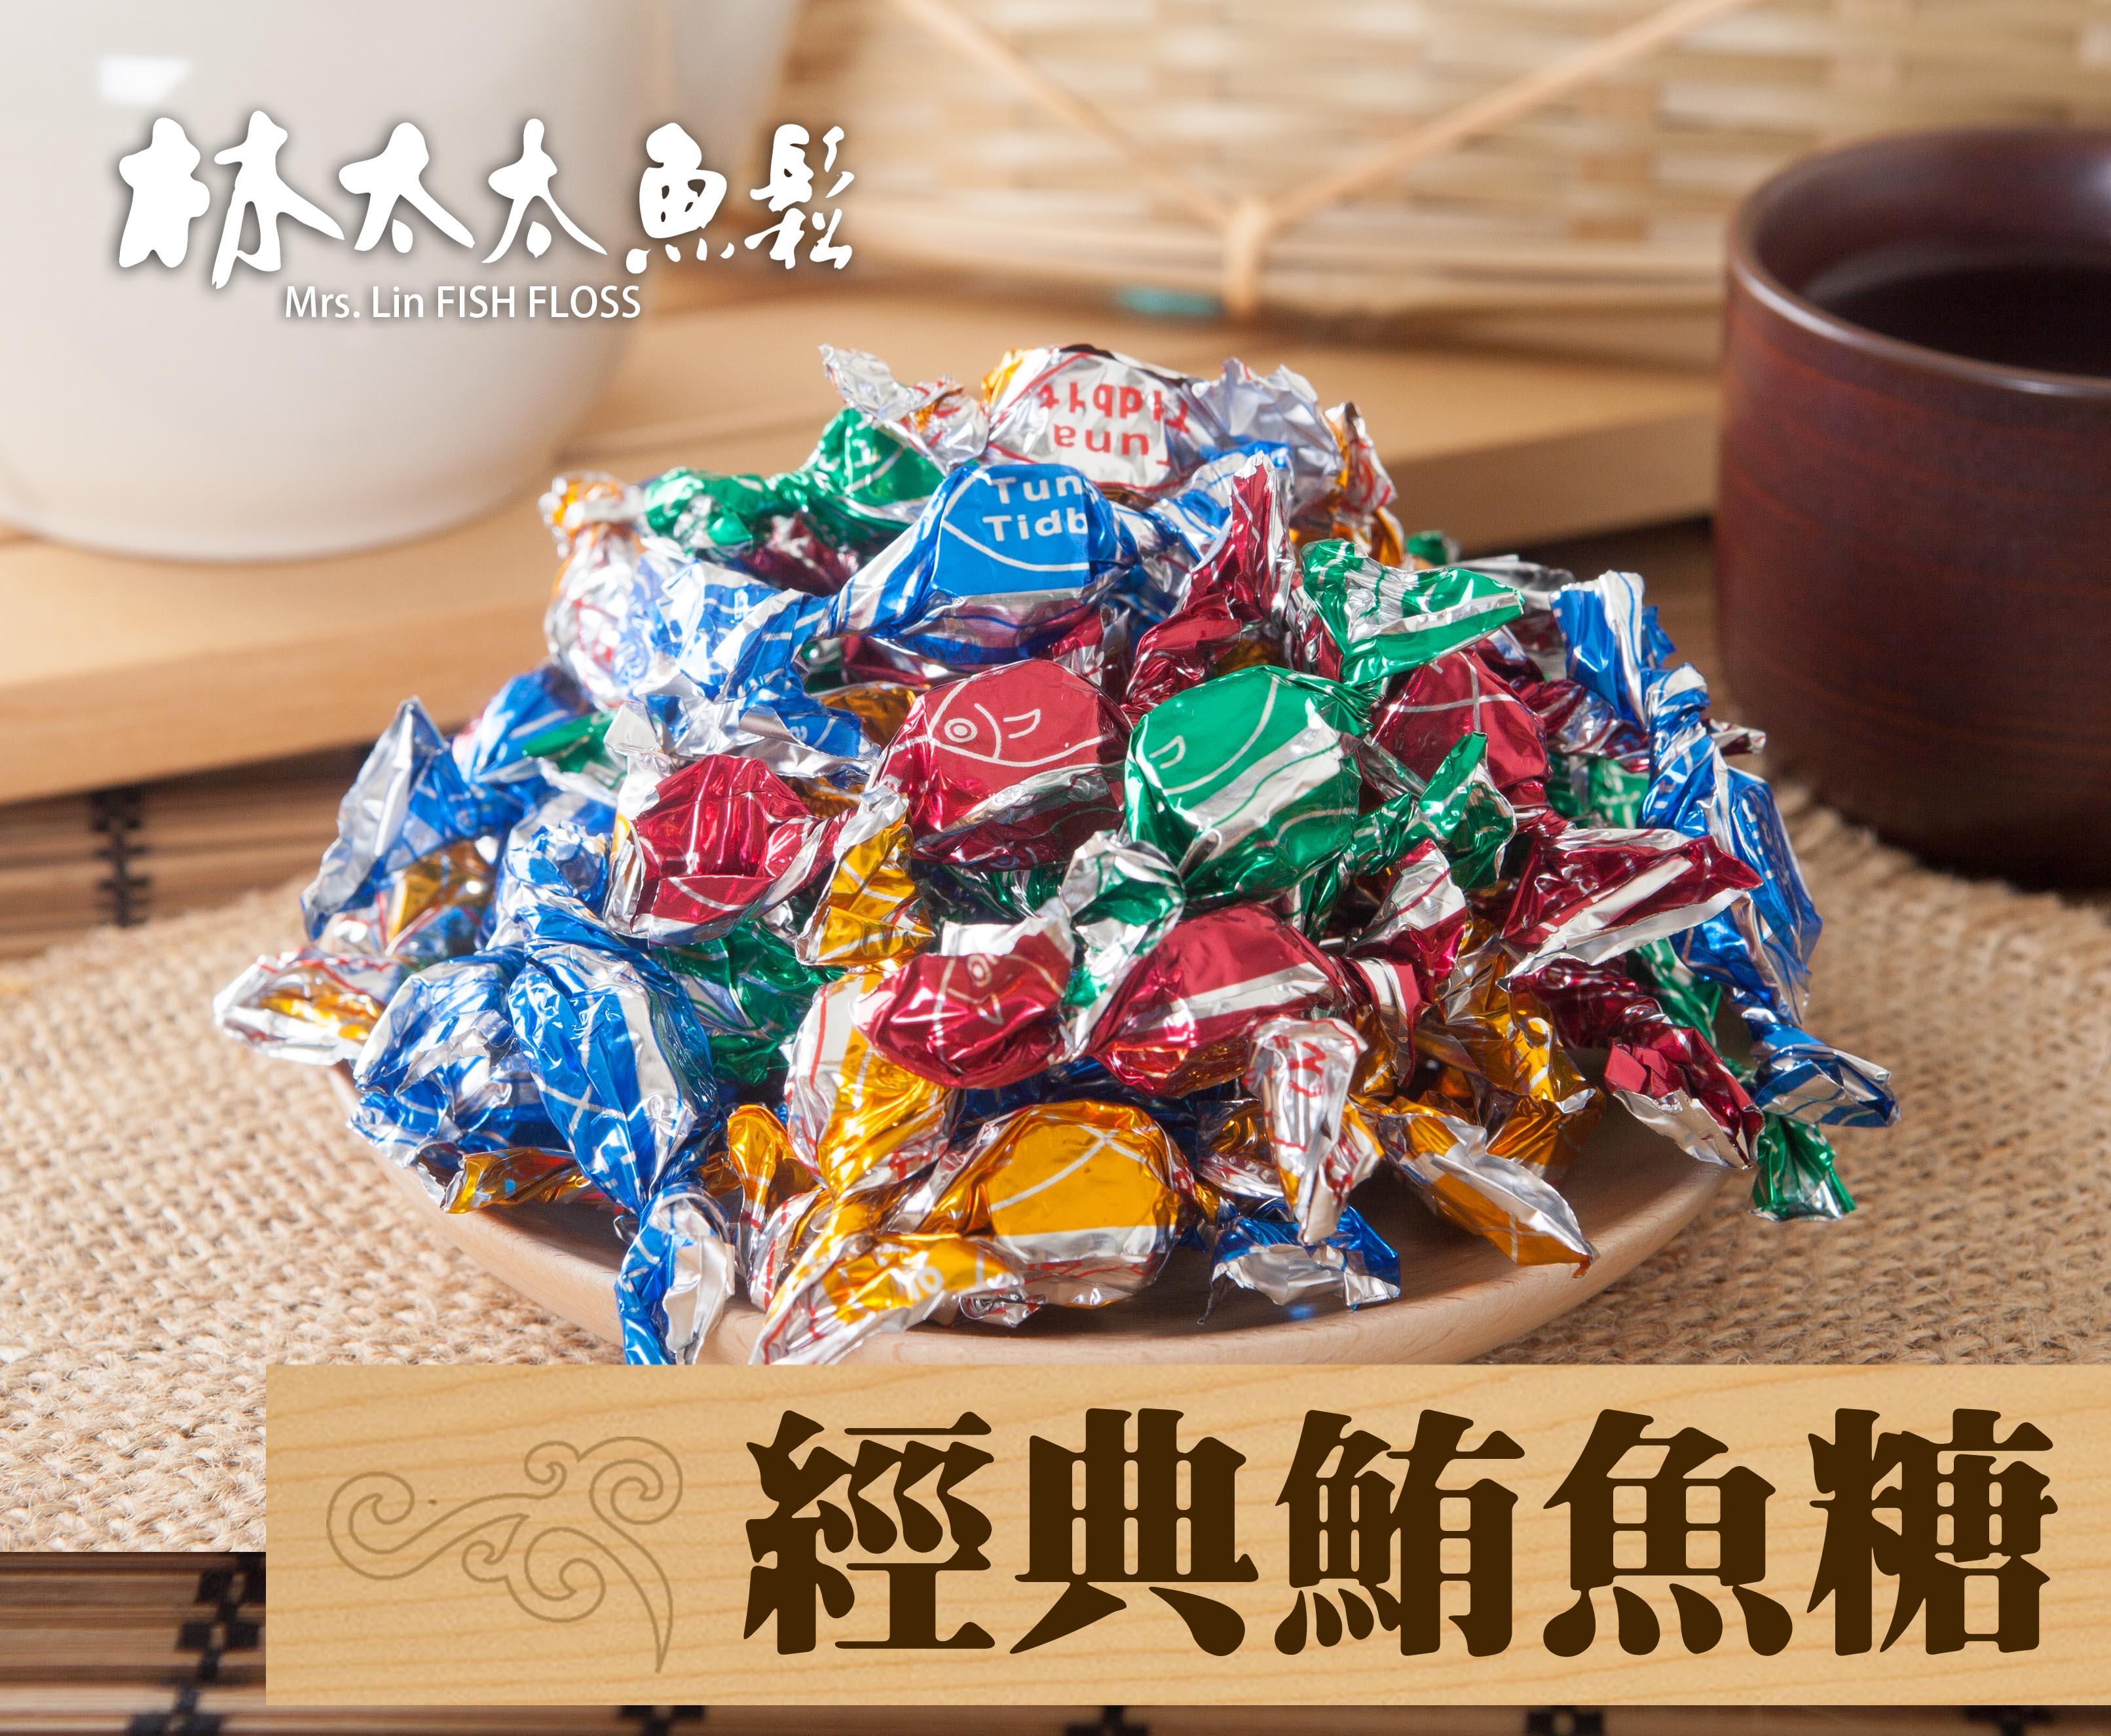 珍珍鮪魚糖 375g 林太太魚鬆專賣